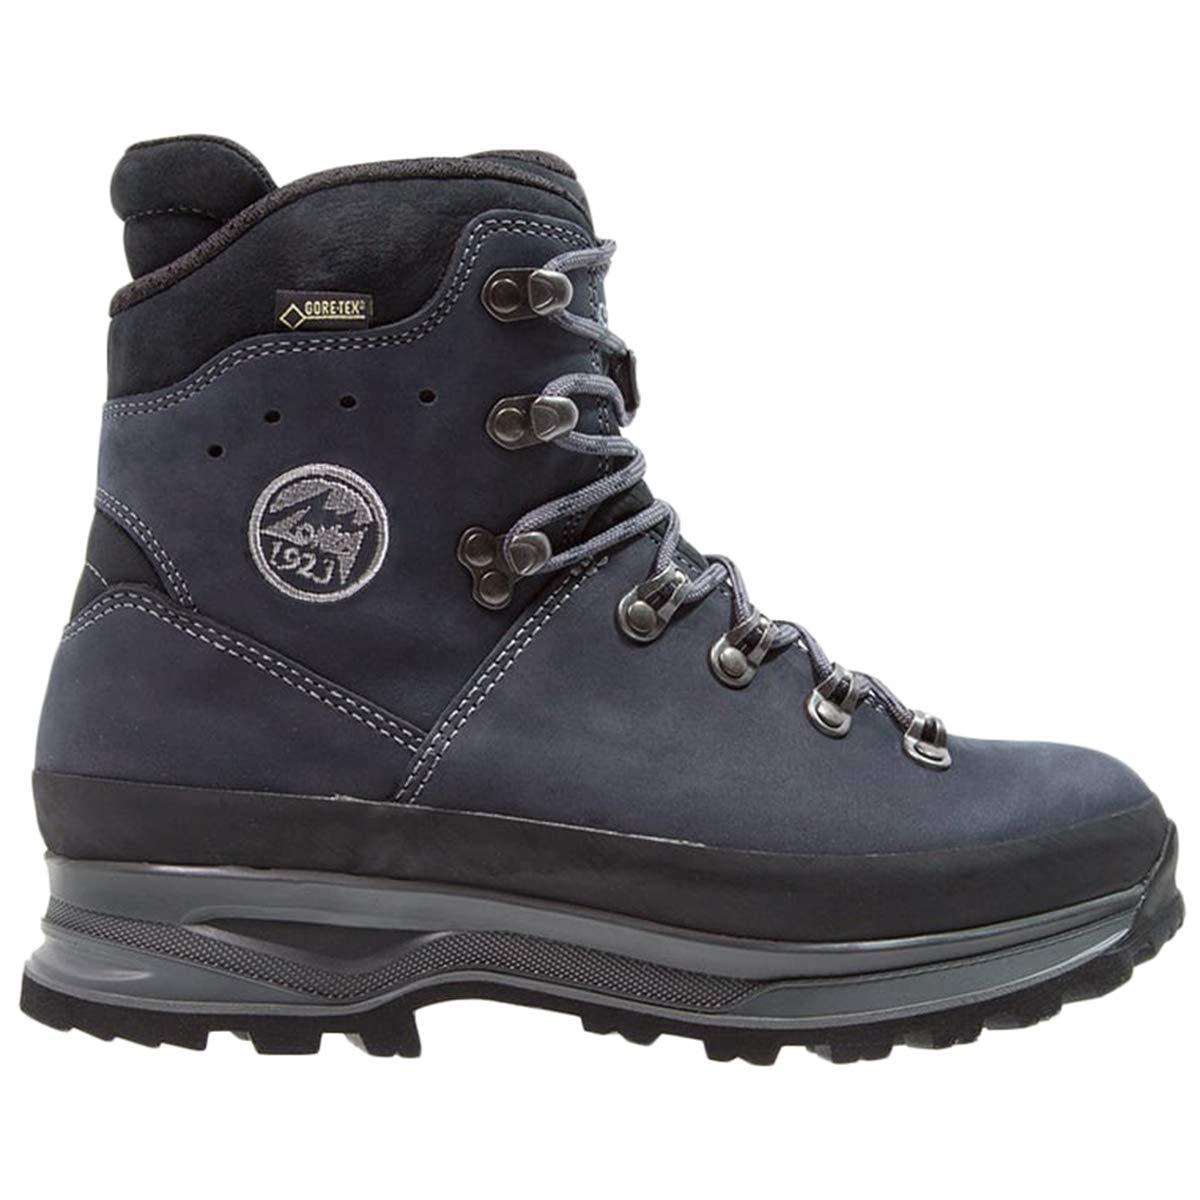 最終値下げ LOWA Boots ブルー B01DZTLUJW 8.5 M LOWA US|ブルー ブルー 8.5 US M US, アンガ食品 安さんがつくるキムチ:b1fcfebf --- pizzaovens4u.com